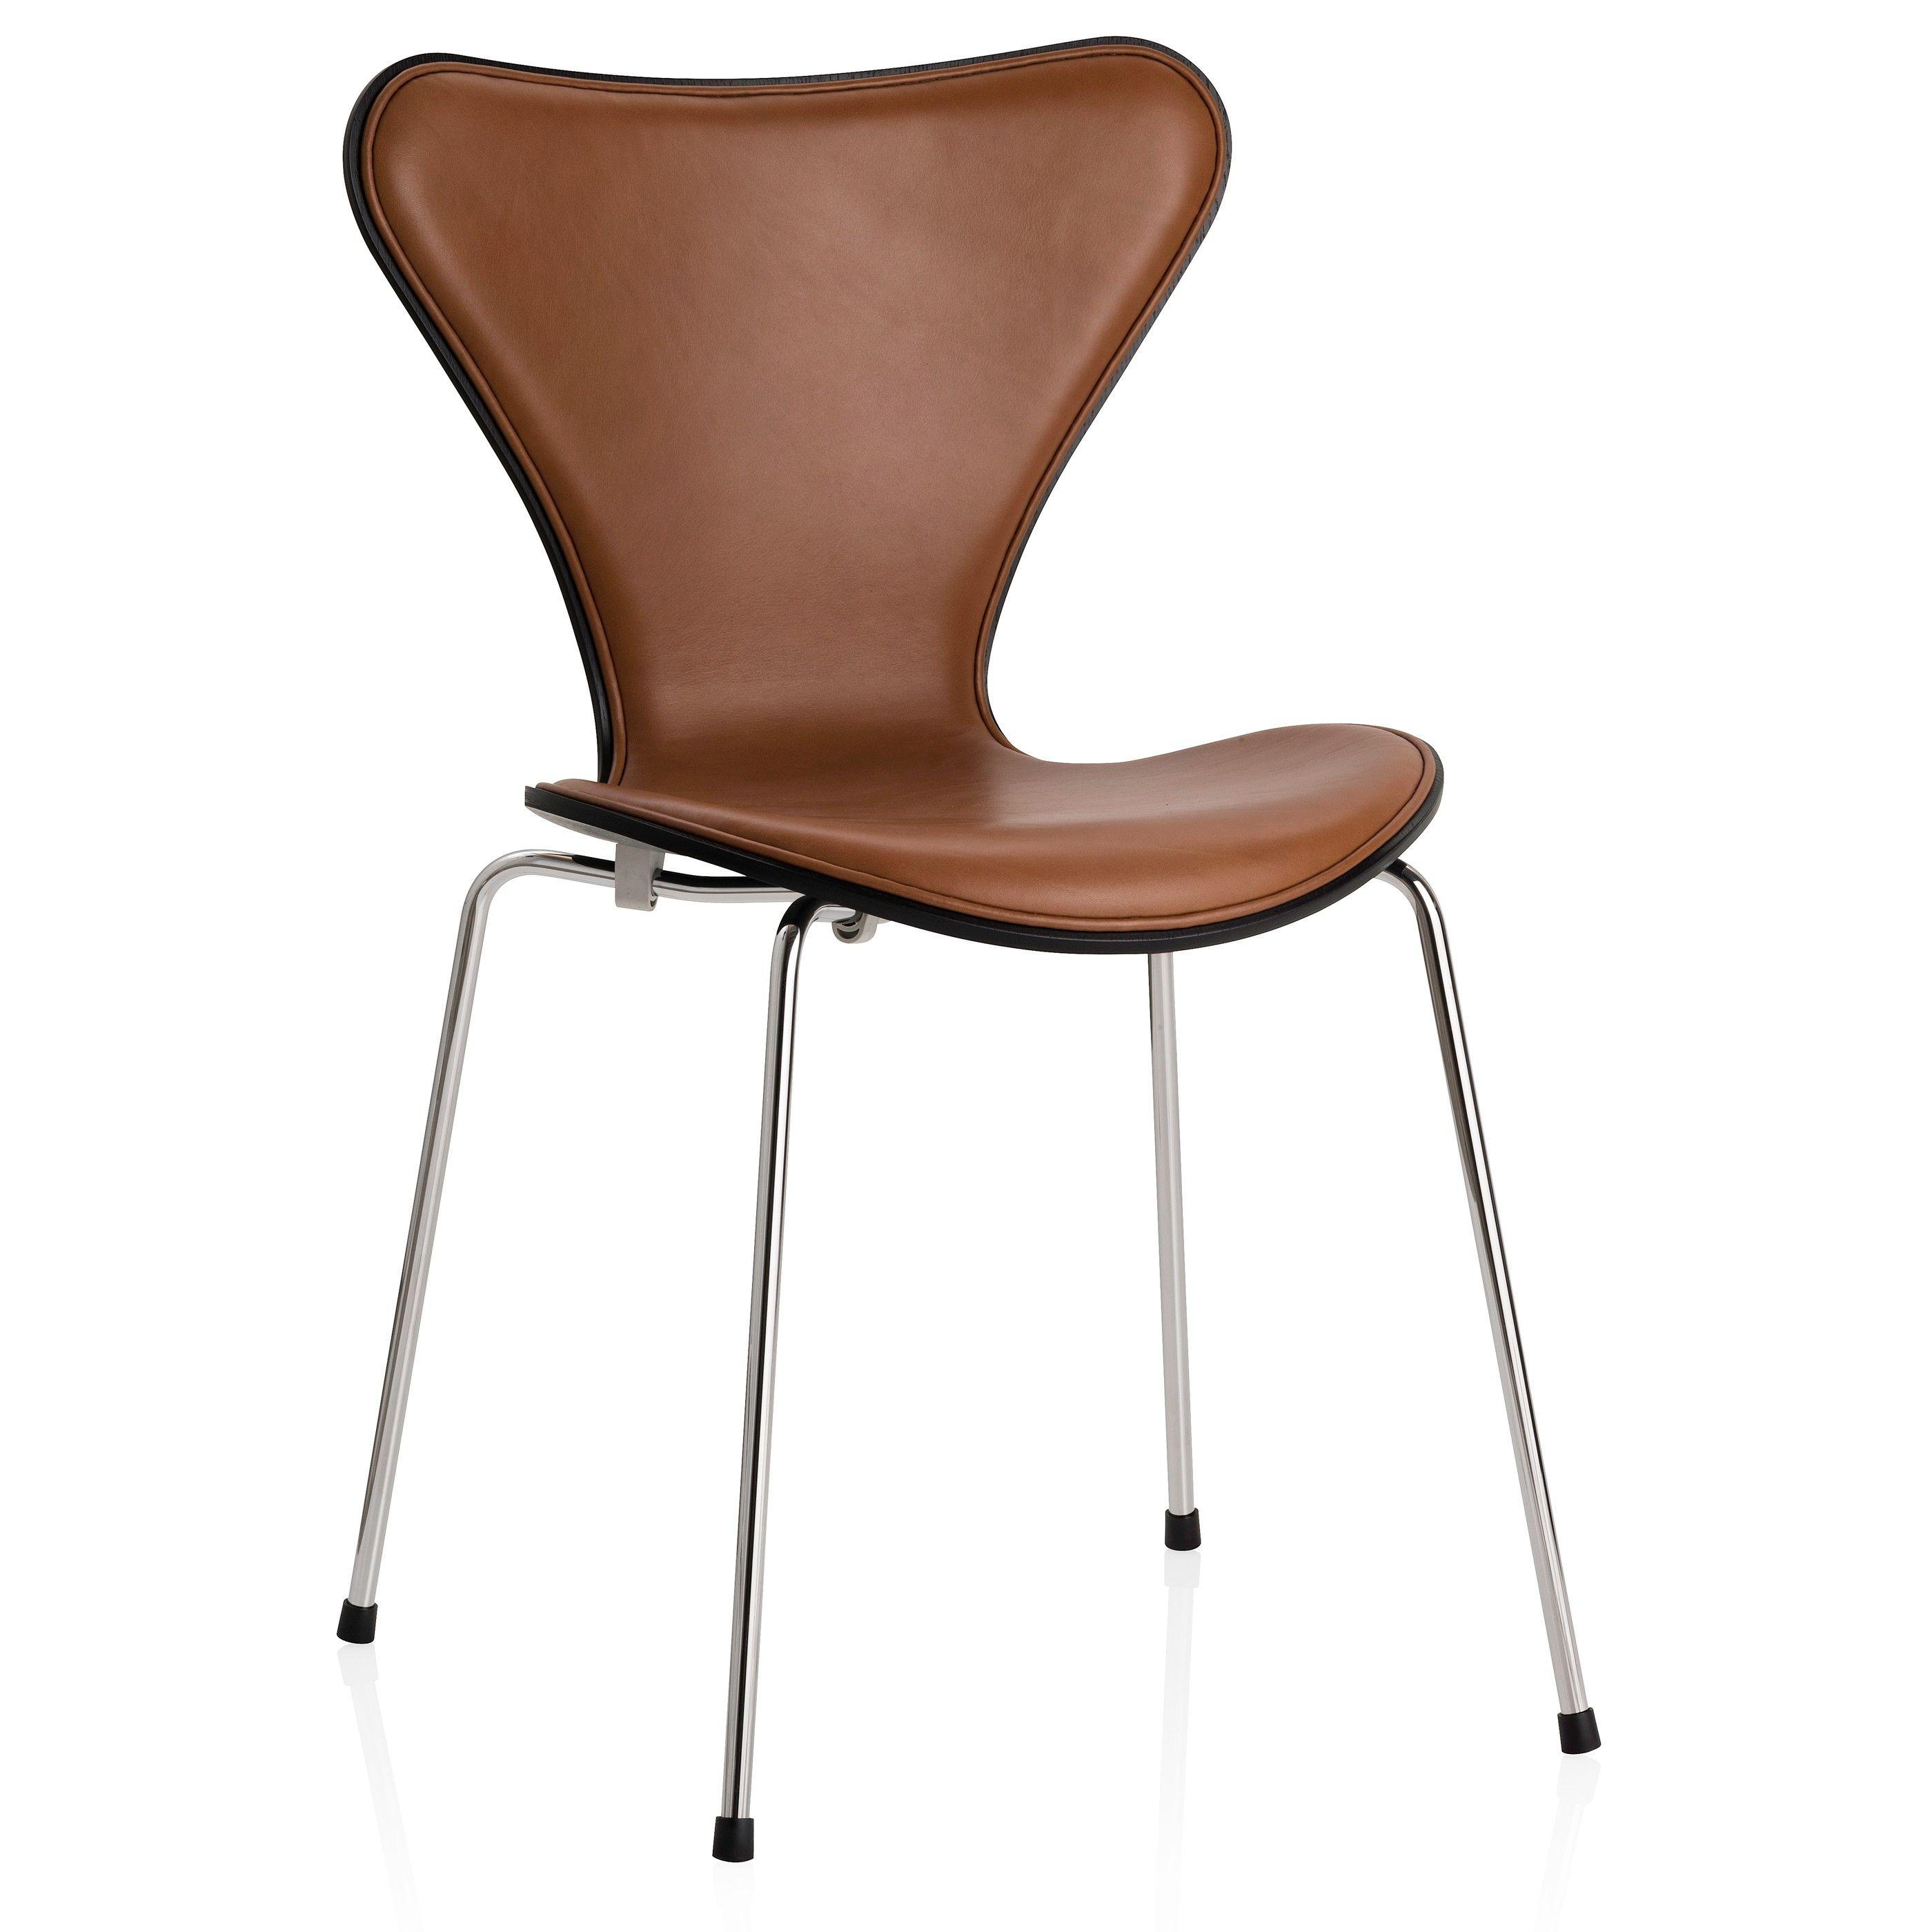 Vlinder Bureaustoel Arne Jacobsen.Fritz Hansen Vlinderstoel Series 7 Stoel Front Upholstery